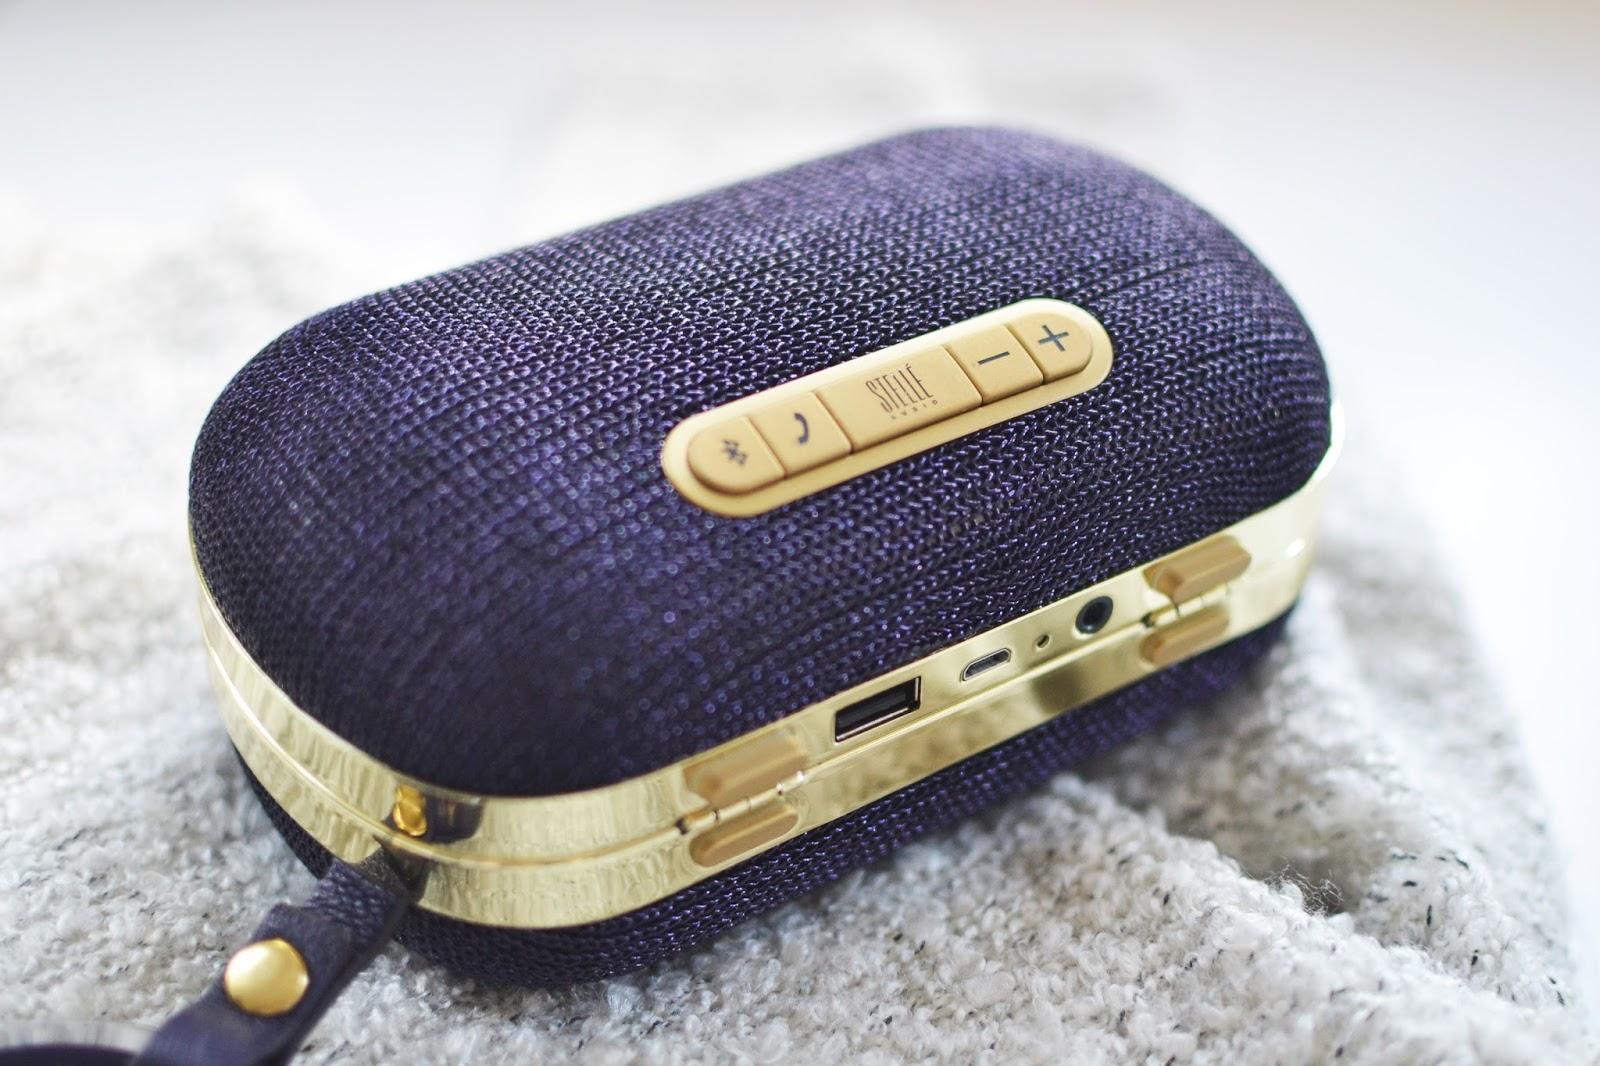 Stelle Audio Speaker Clutch Bag, wearable technology